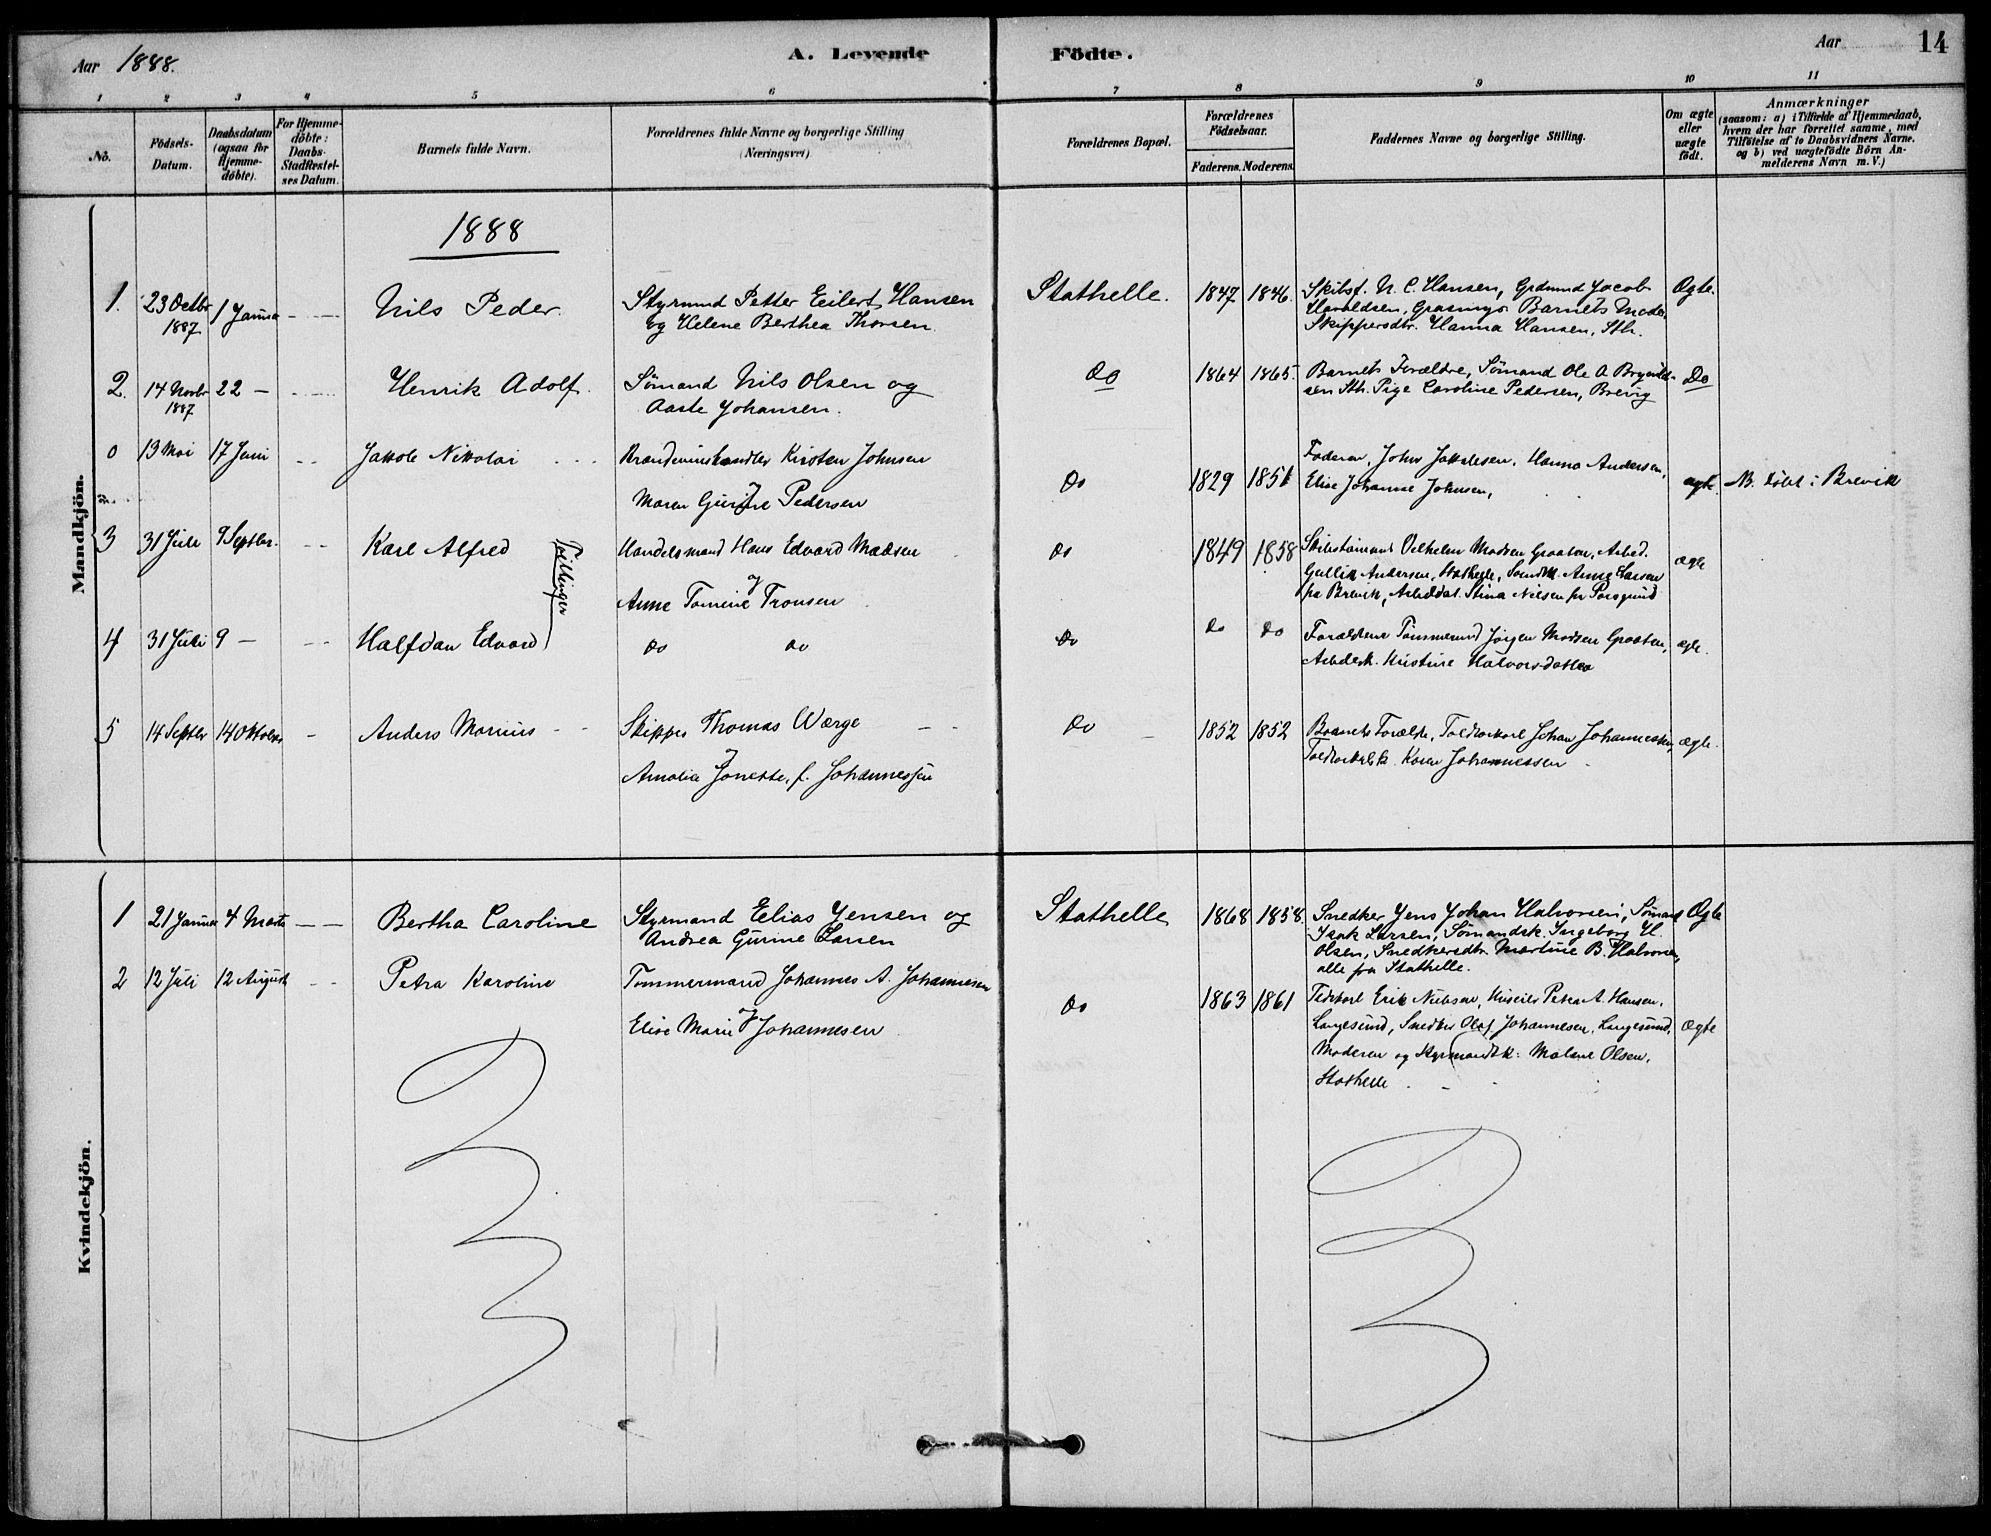 SAKO, Bamble kirkebøker, G/Gb/L0001: Klokkerbok nr. II 1, 1878-1900, s. 14